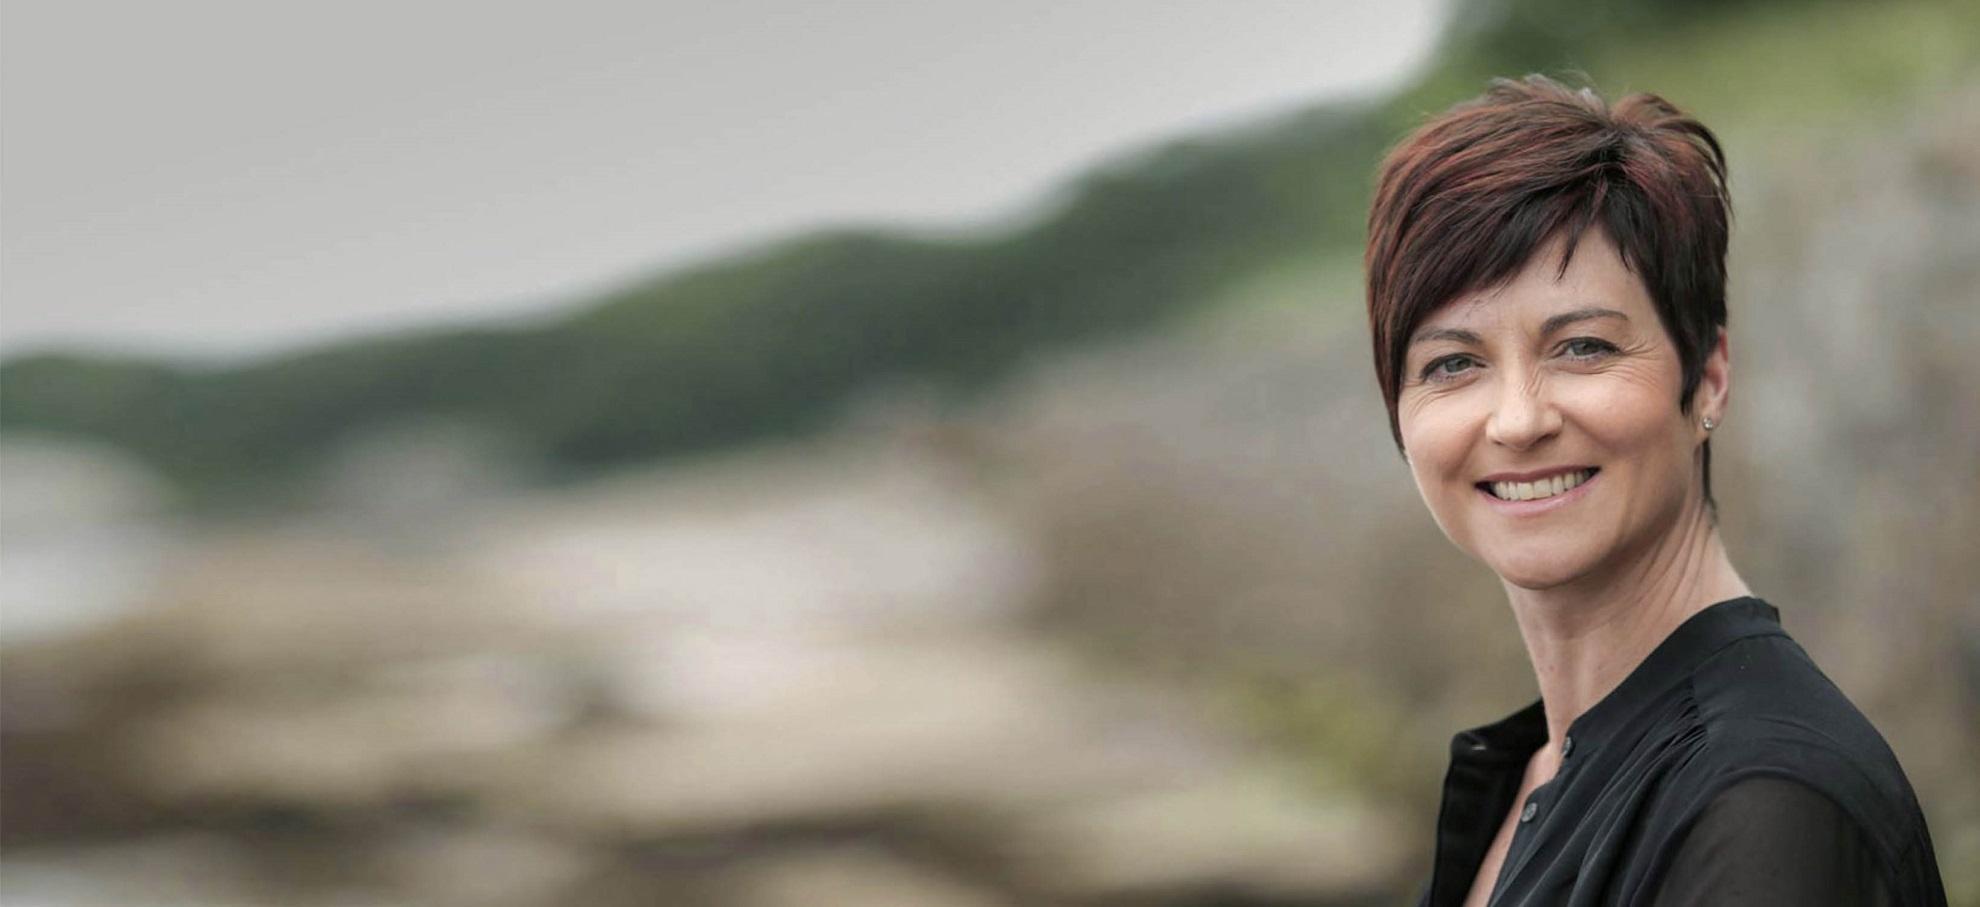 Juliette Lee speaker at Hakim Group Stronger Together webinar